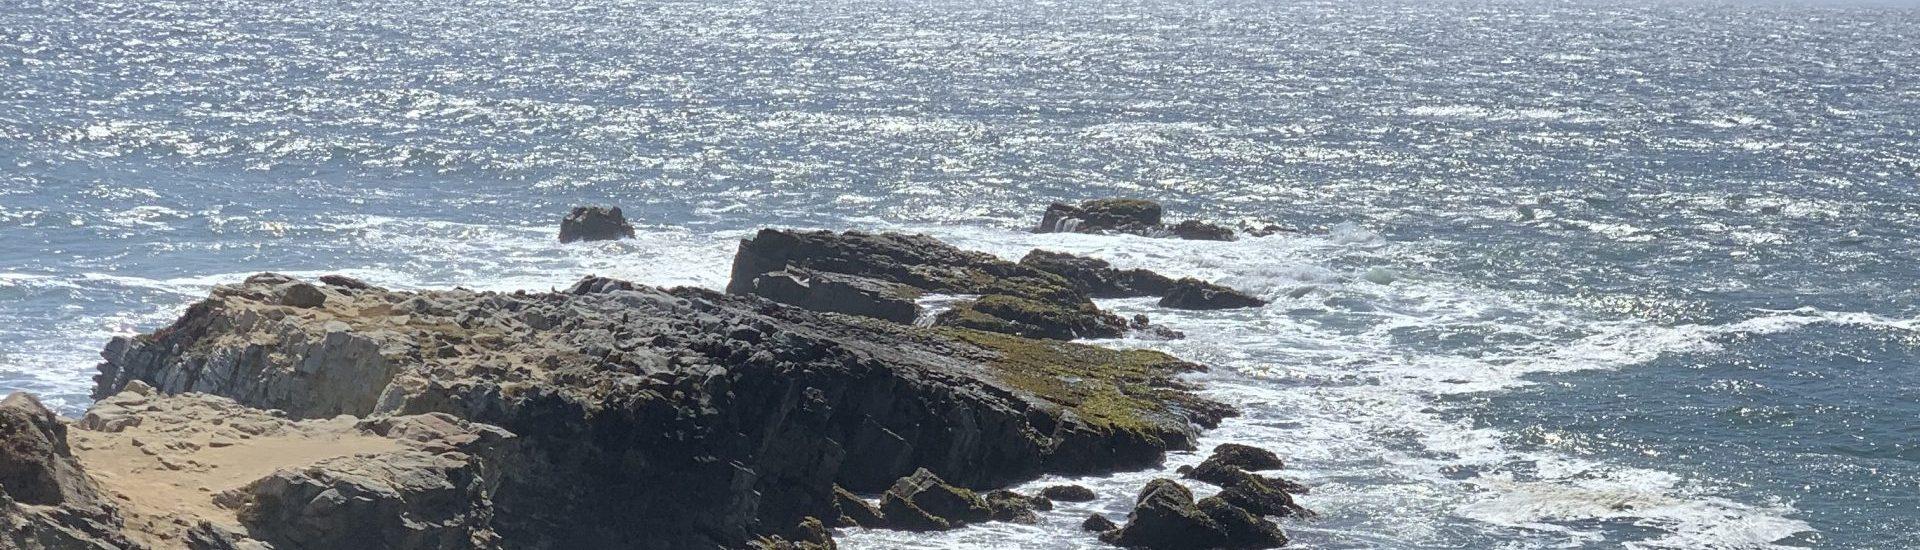 LostOrFound Ocean